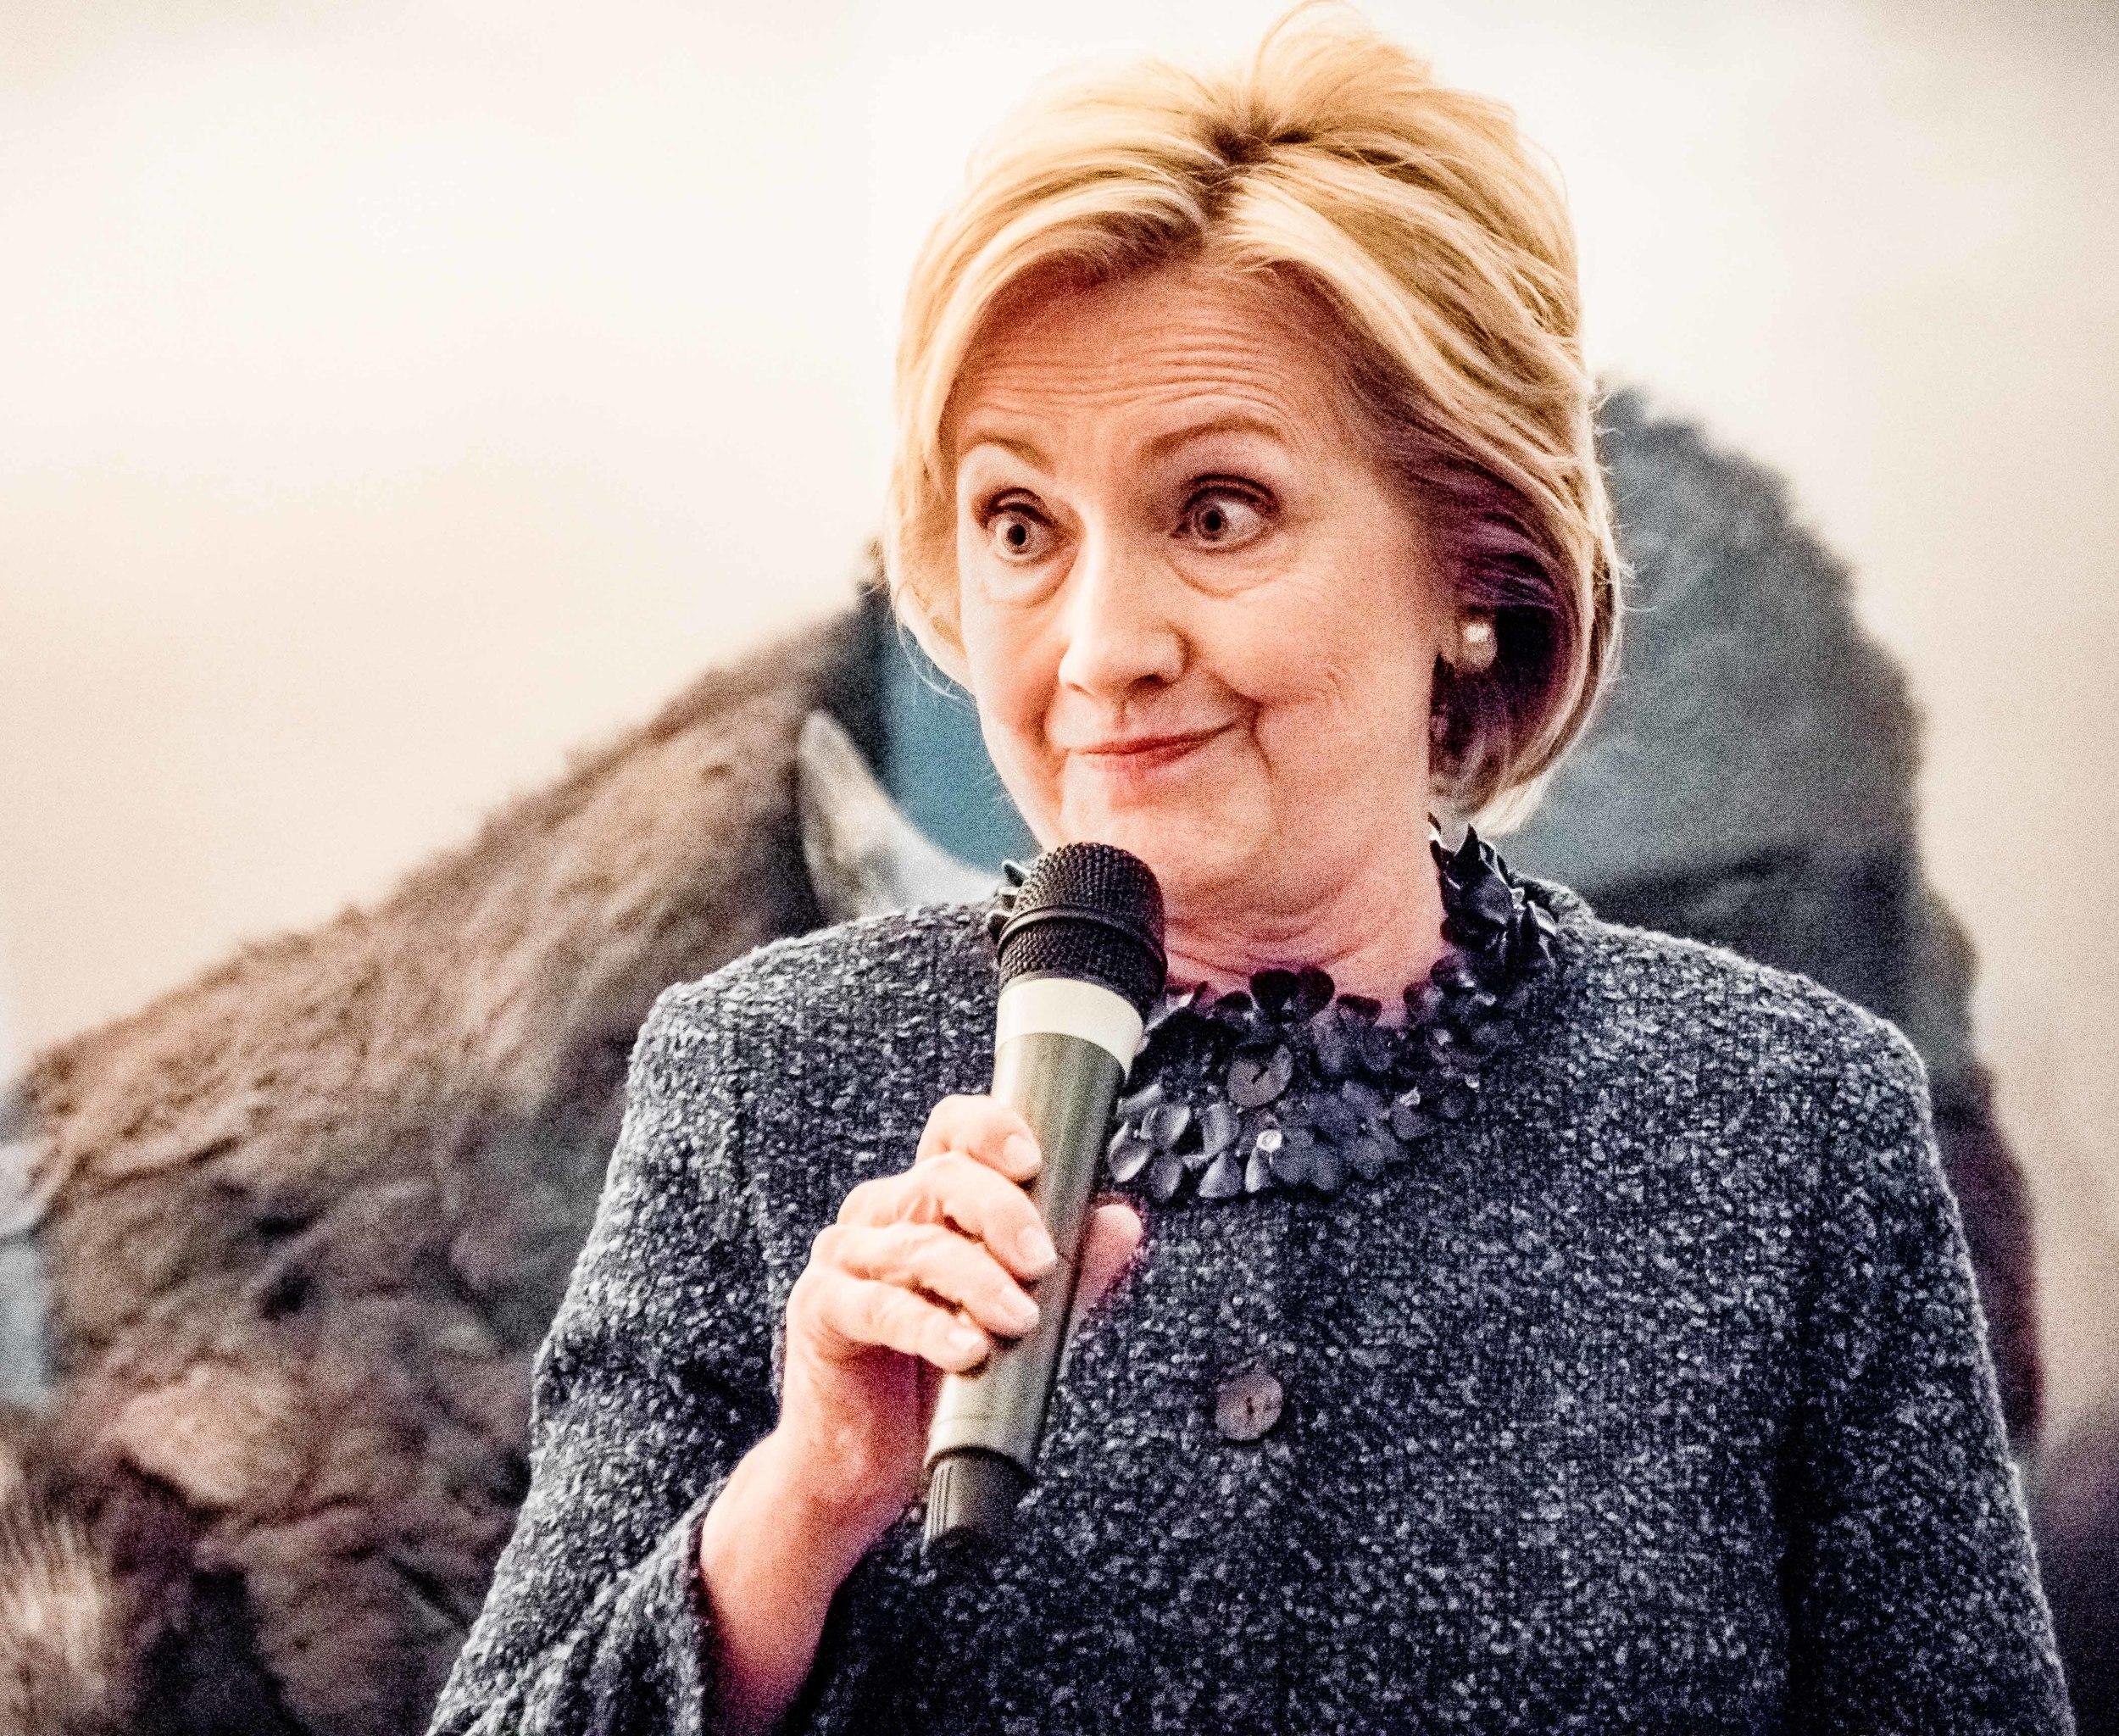 HillaryInTheVille_20151120_1087.jpg